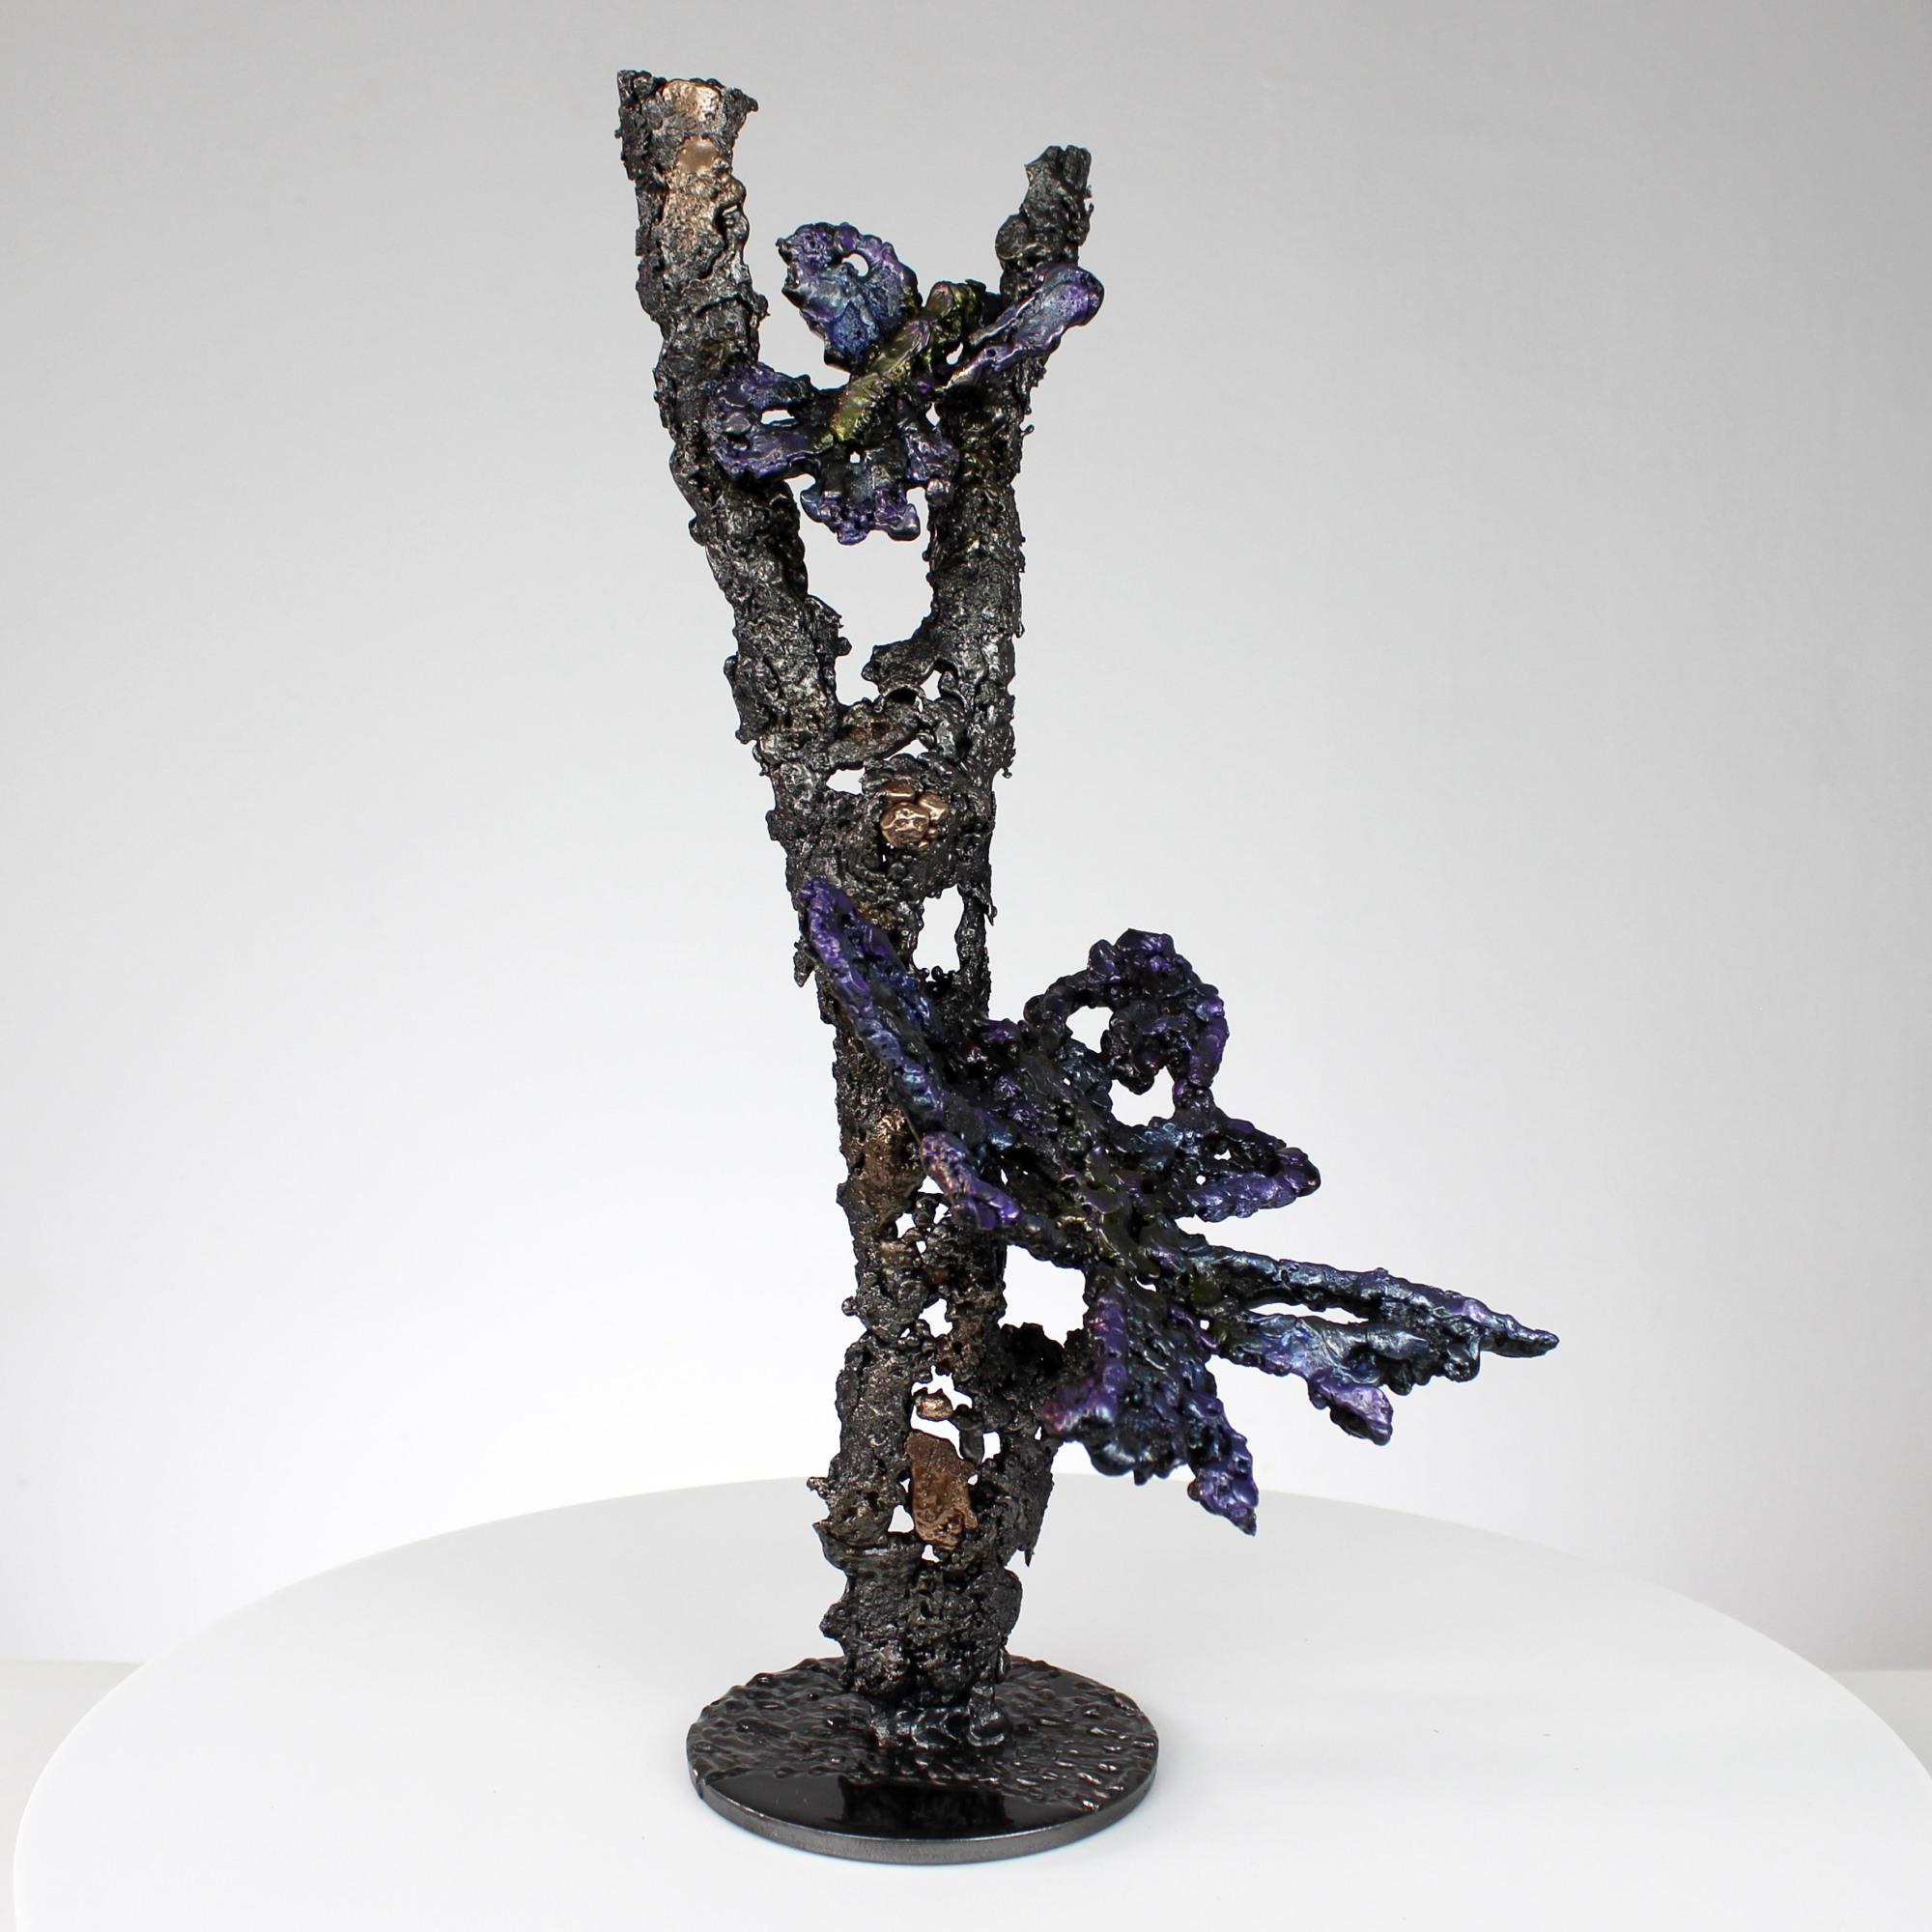 L'arbre aux papillons - Sculpture animaliere papillons sur d'un arbre acier bronze et pigment- butterflies on a tree bronze steel and pigment - Buil